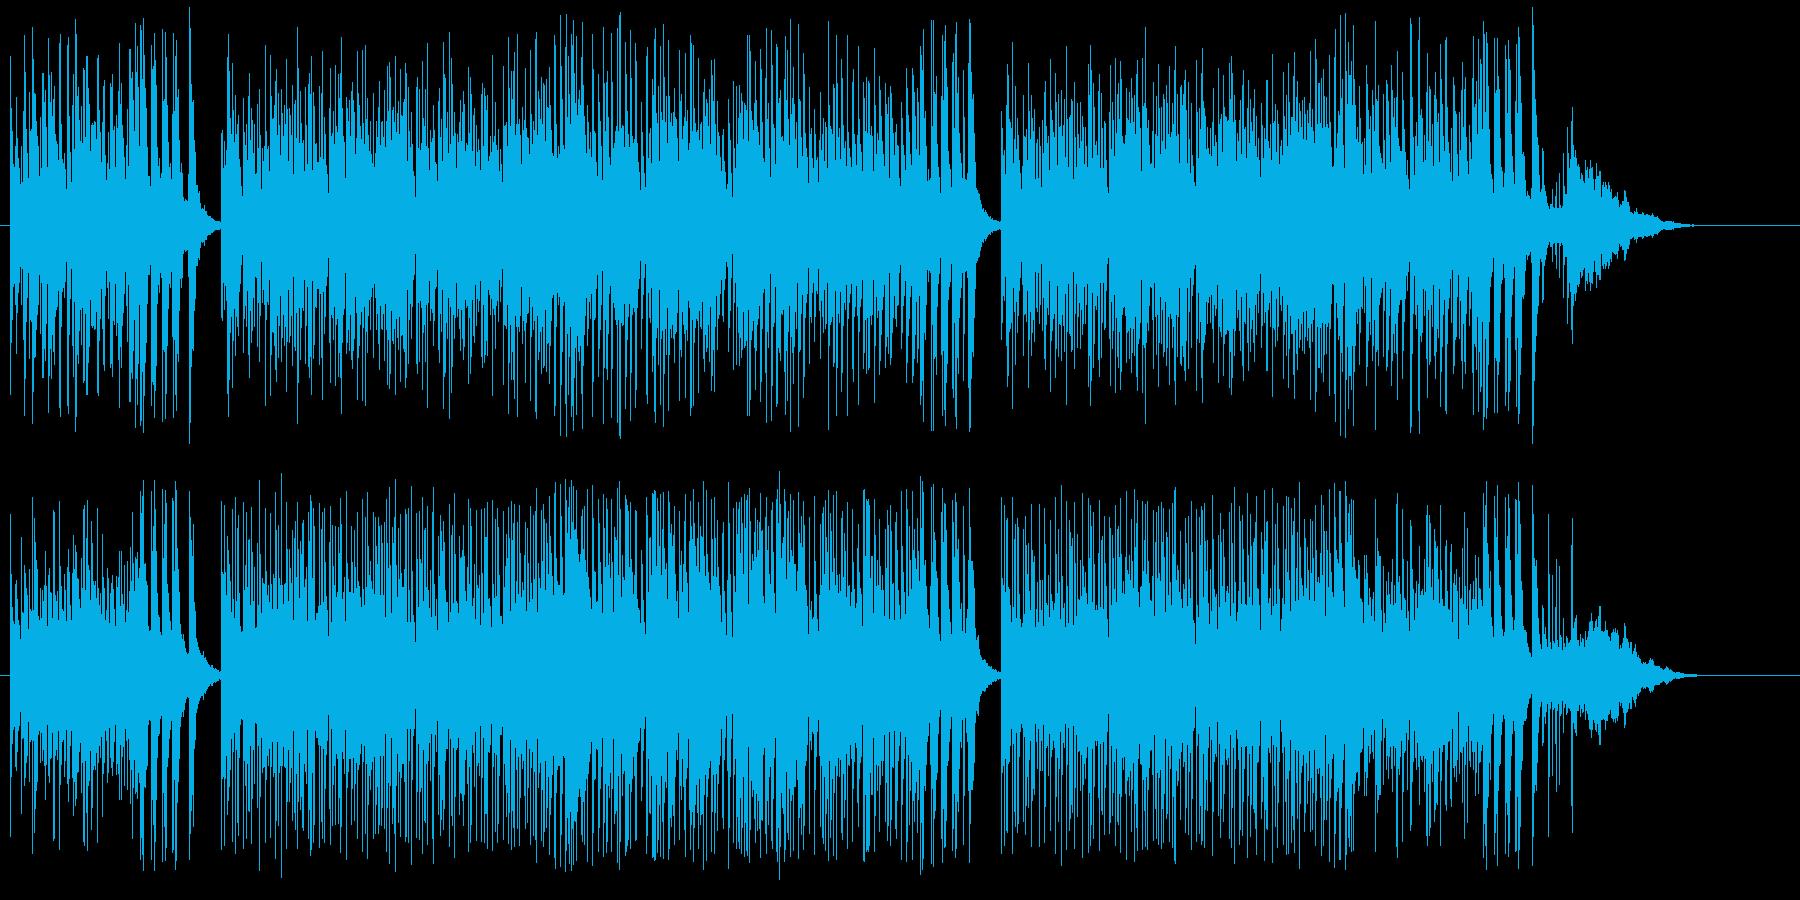 情報バラエティ番組フラッシュ向けの再生済みの波形